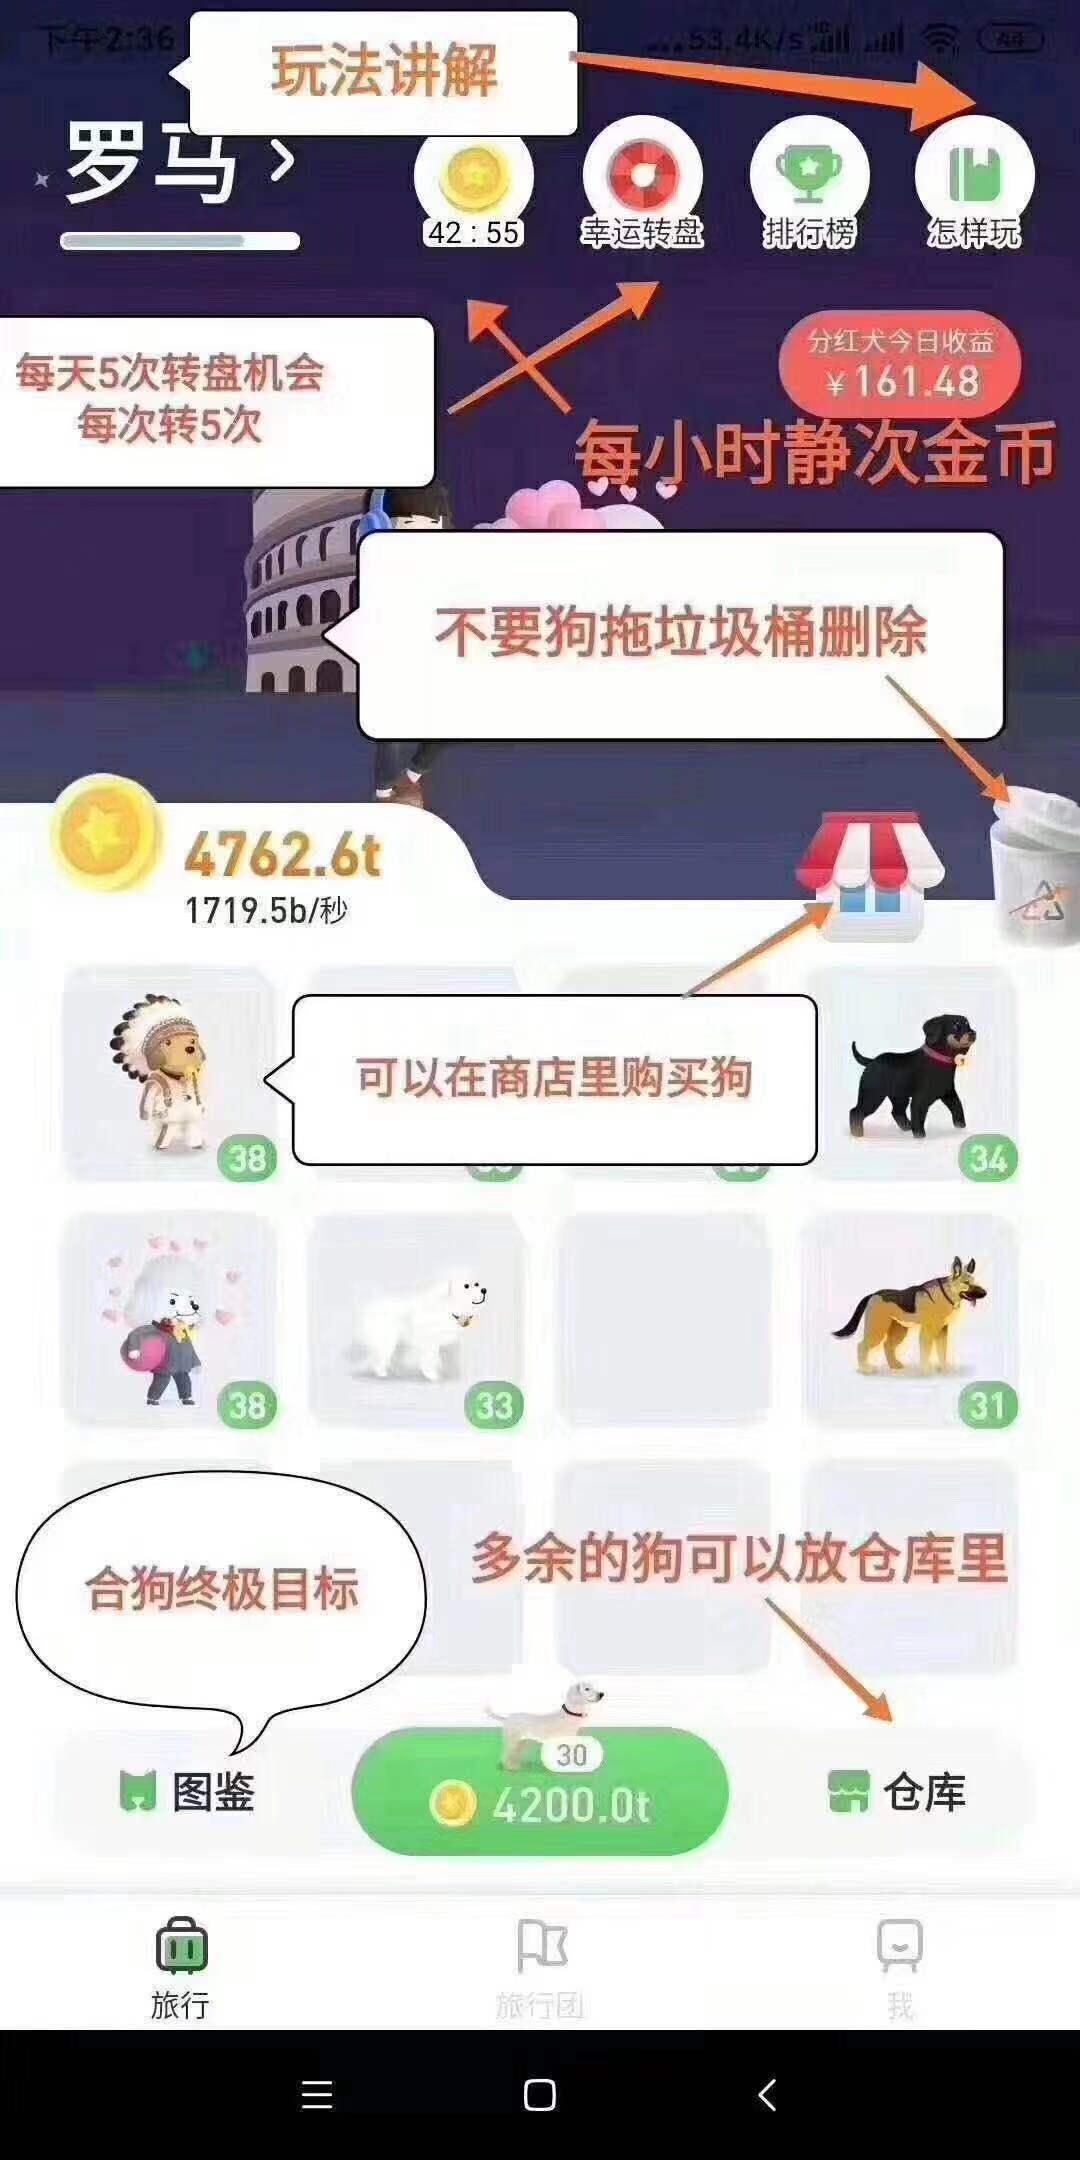 旅行世界是真的吗,养宠物怎么赚钱 第3张